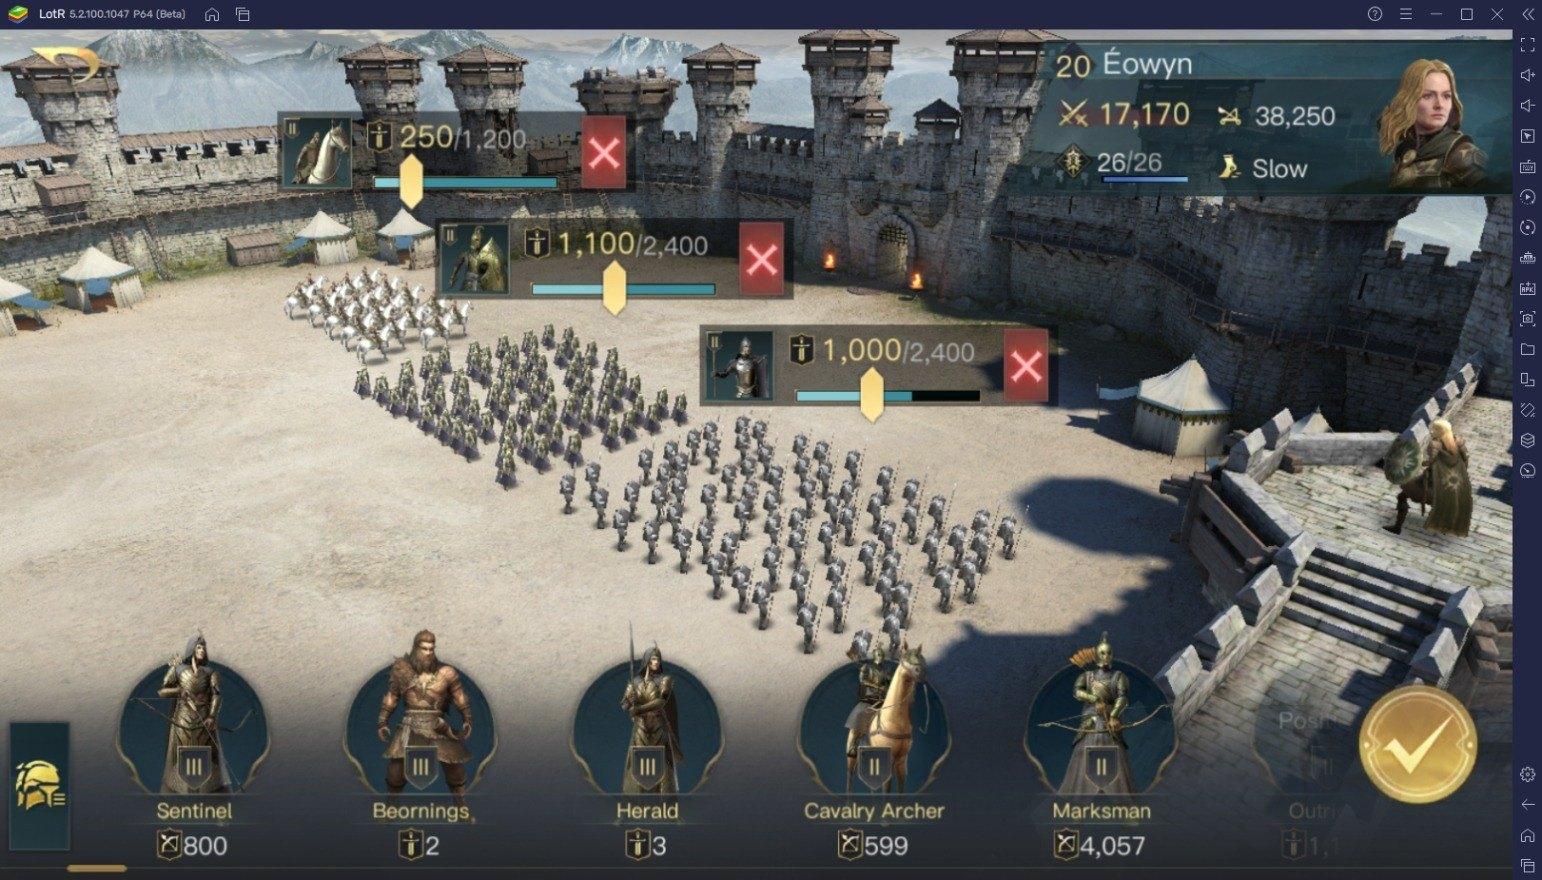 كيفية زيادة القوة العسكرية في لعبة The Lord of the Rings: War